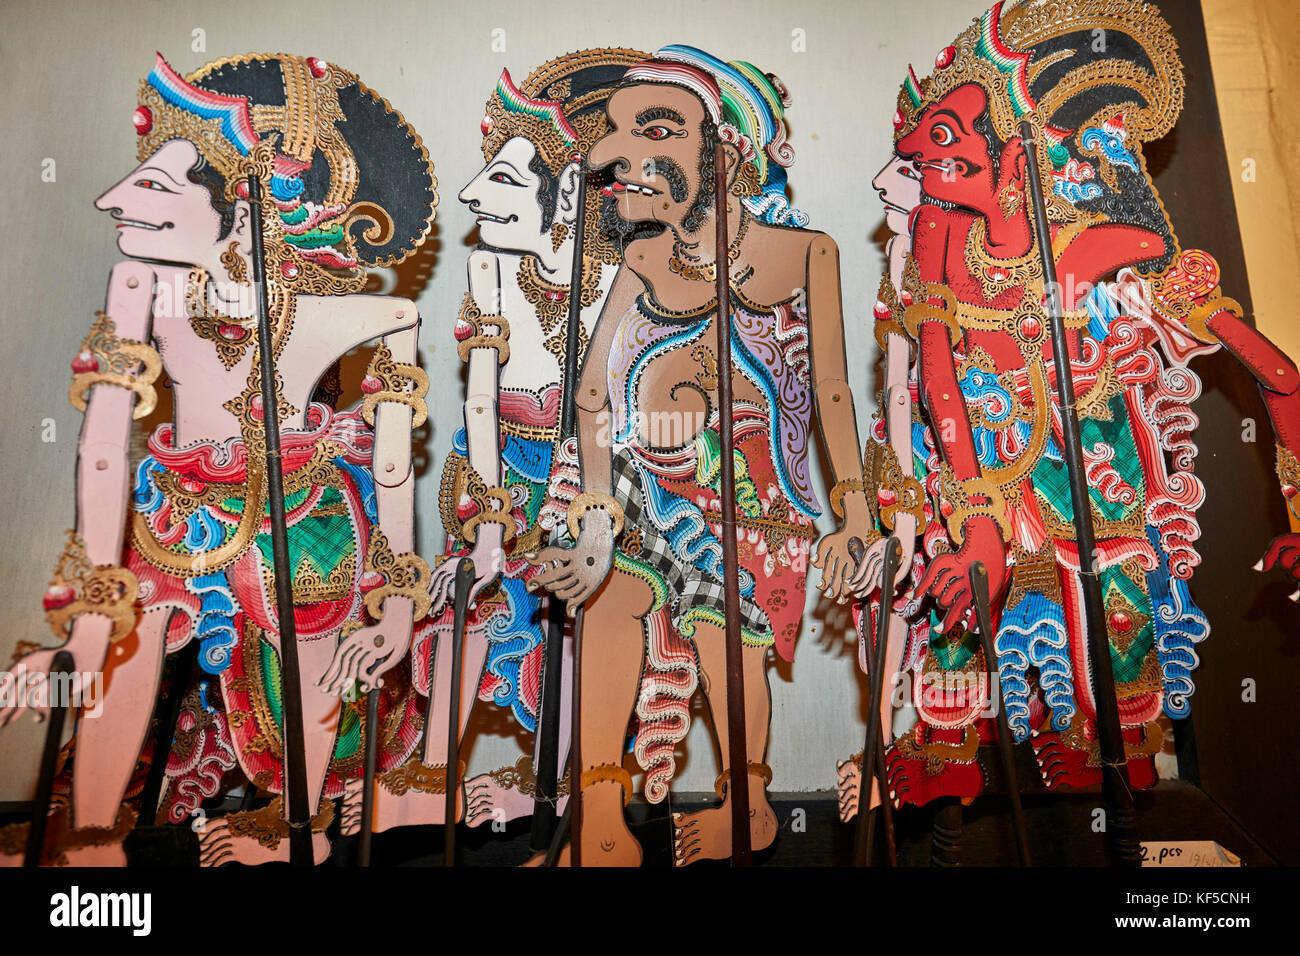 Des ombres chinoises balinais pour calon arang performance. setia darma house de masques et de marionnettes, mas, Photo Stock